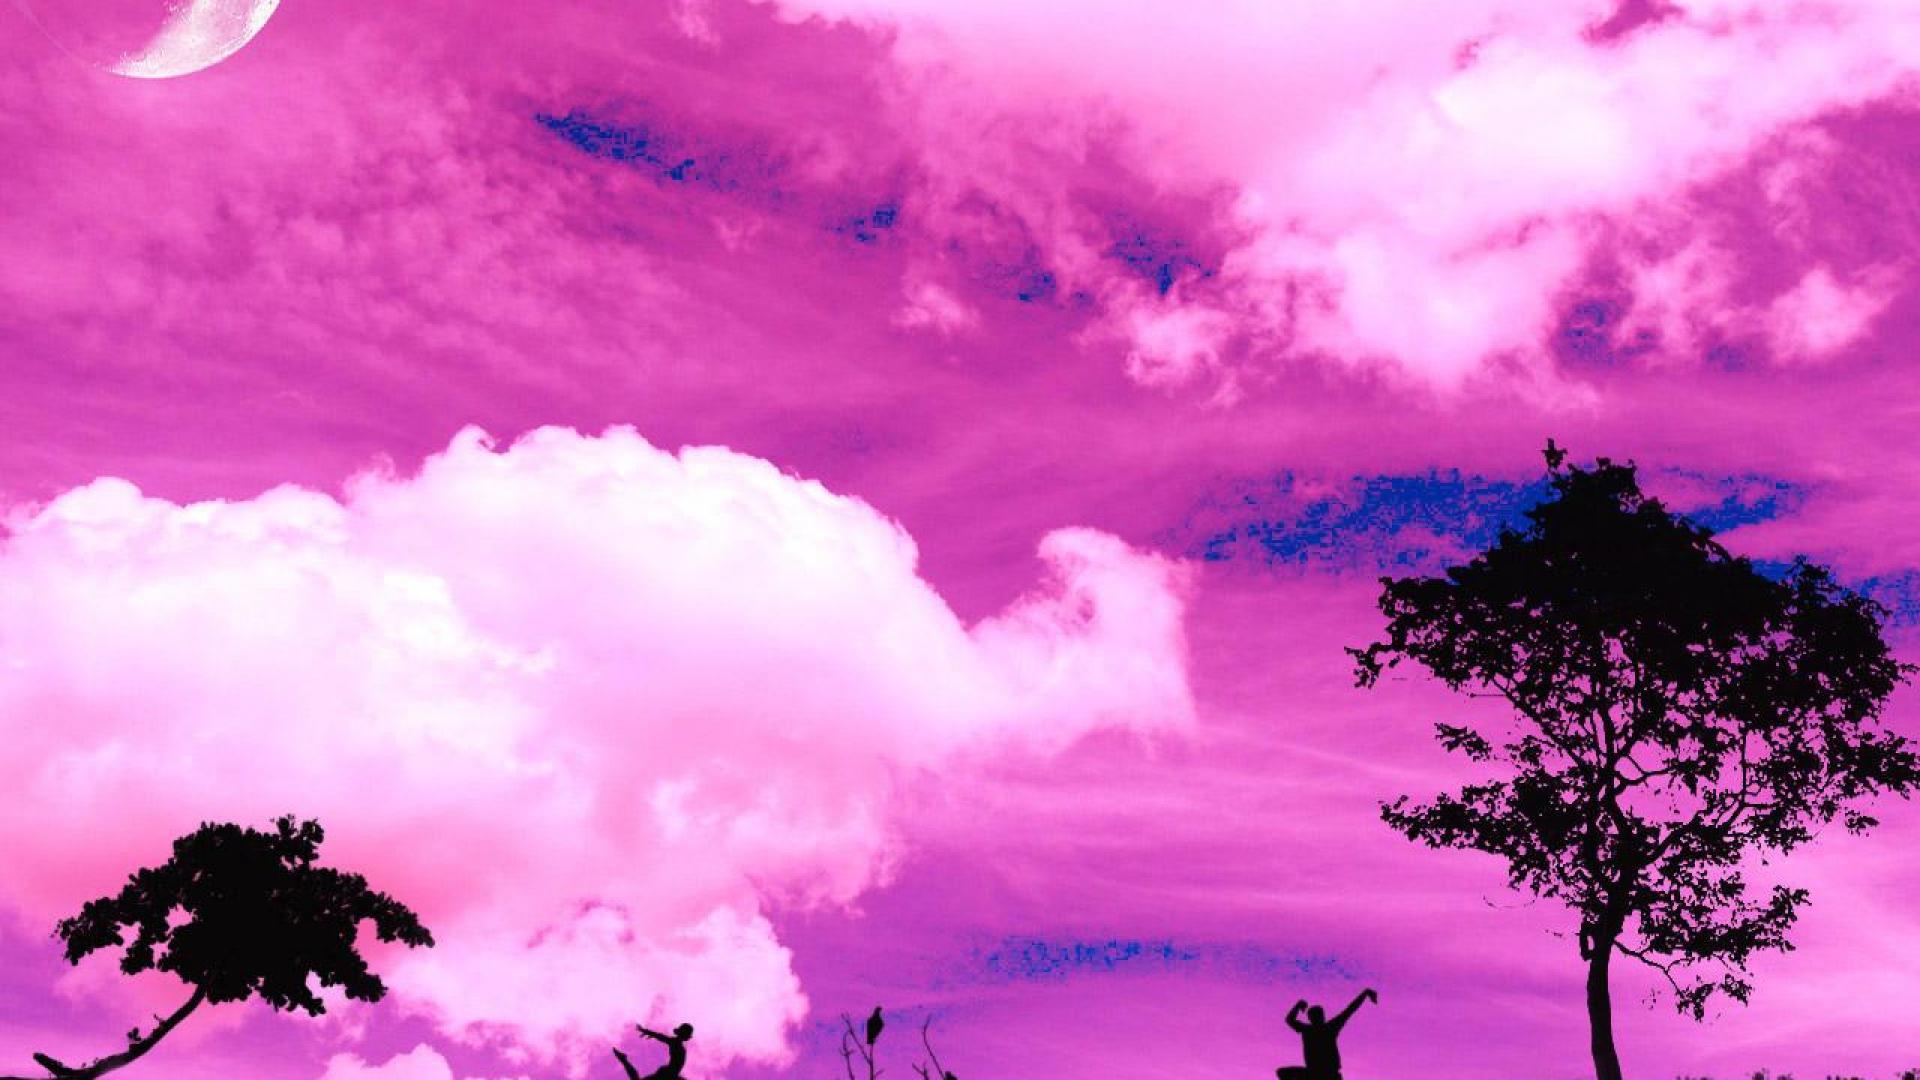 pink color desktop backgrounds wallpaper high definition high